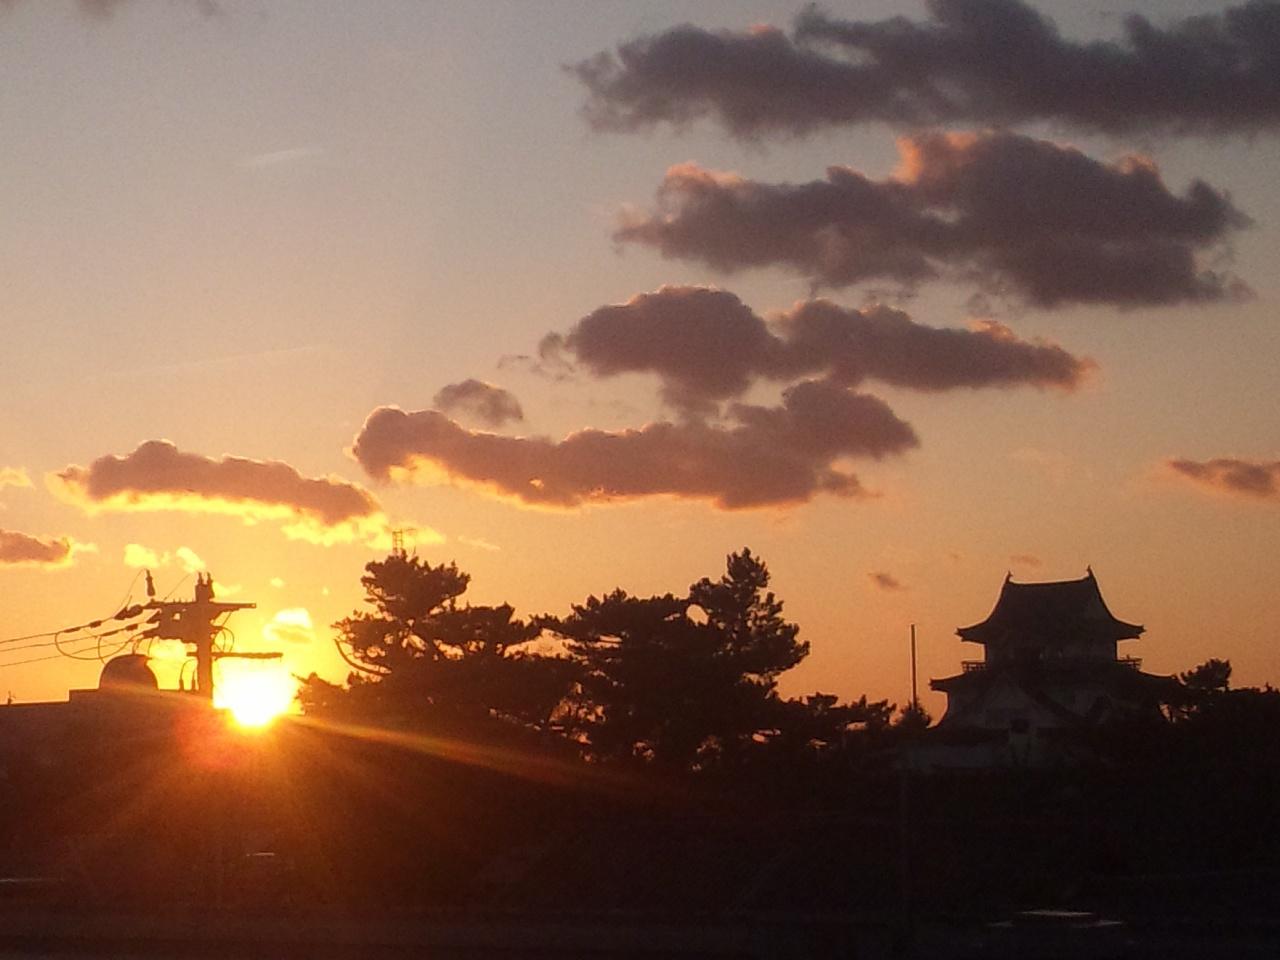 【岸和田市長選挙】投票締切まで、あと2時間半 投票に行きましょう!